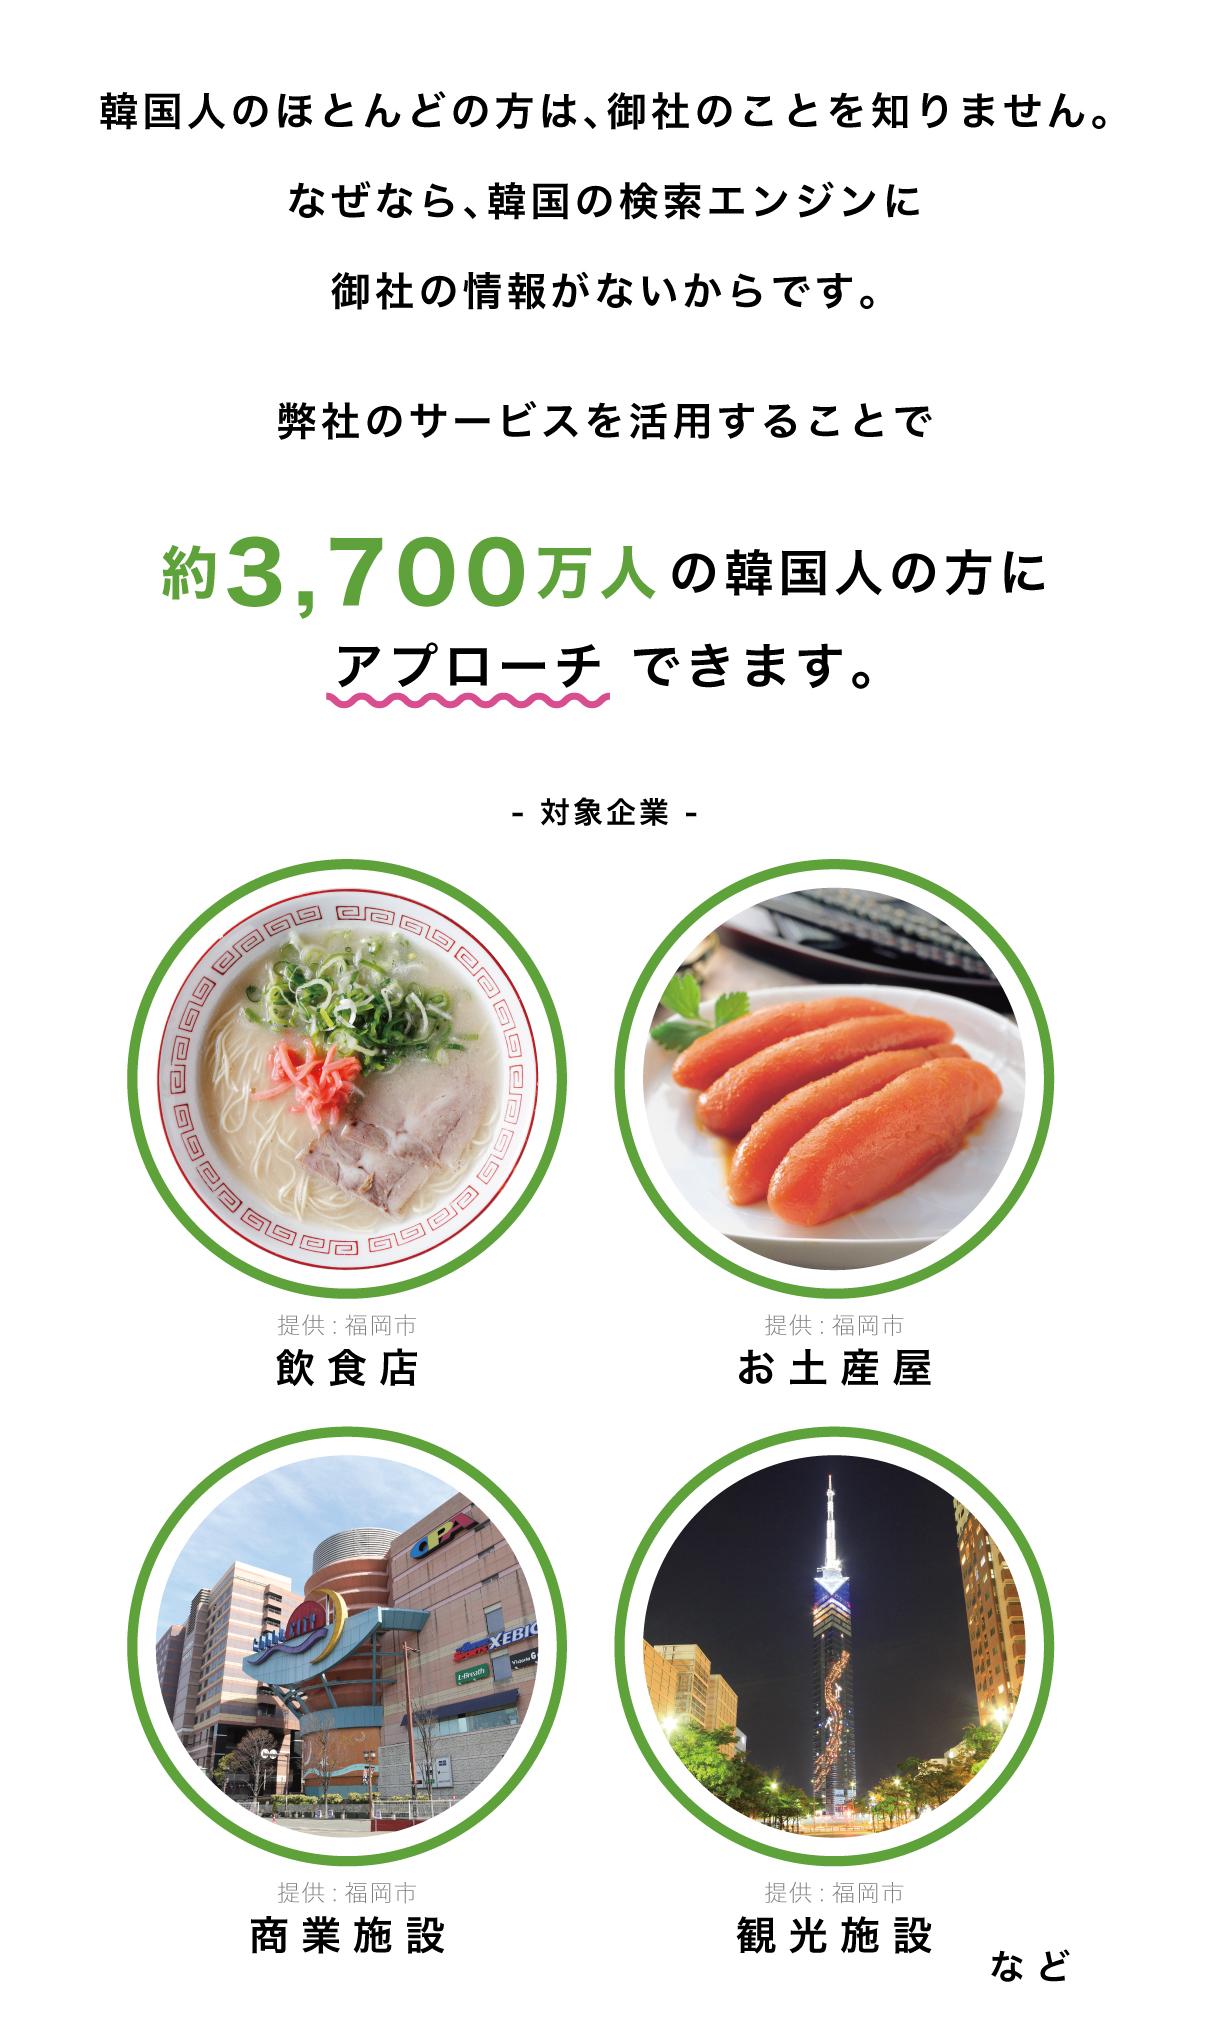 韓国人のほとんどの方は、御社のことを知りません。 なぜなら、韓国の検索エンジンに御社の情報がないからです。 弊社のサービスを活用することで、約3,700万人の韓国人の方にアプローチできます。 対象企業 飲食店 お土産屋 商業施設 観光施設